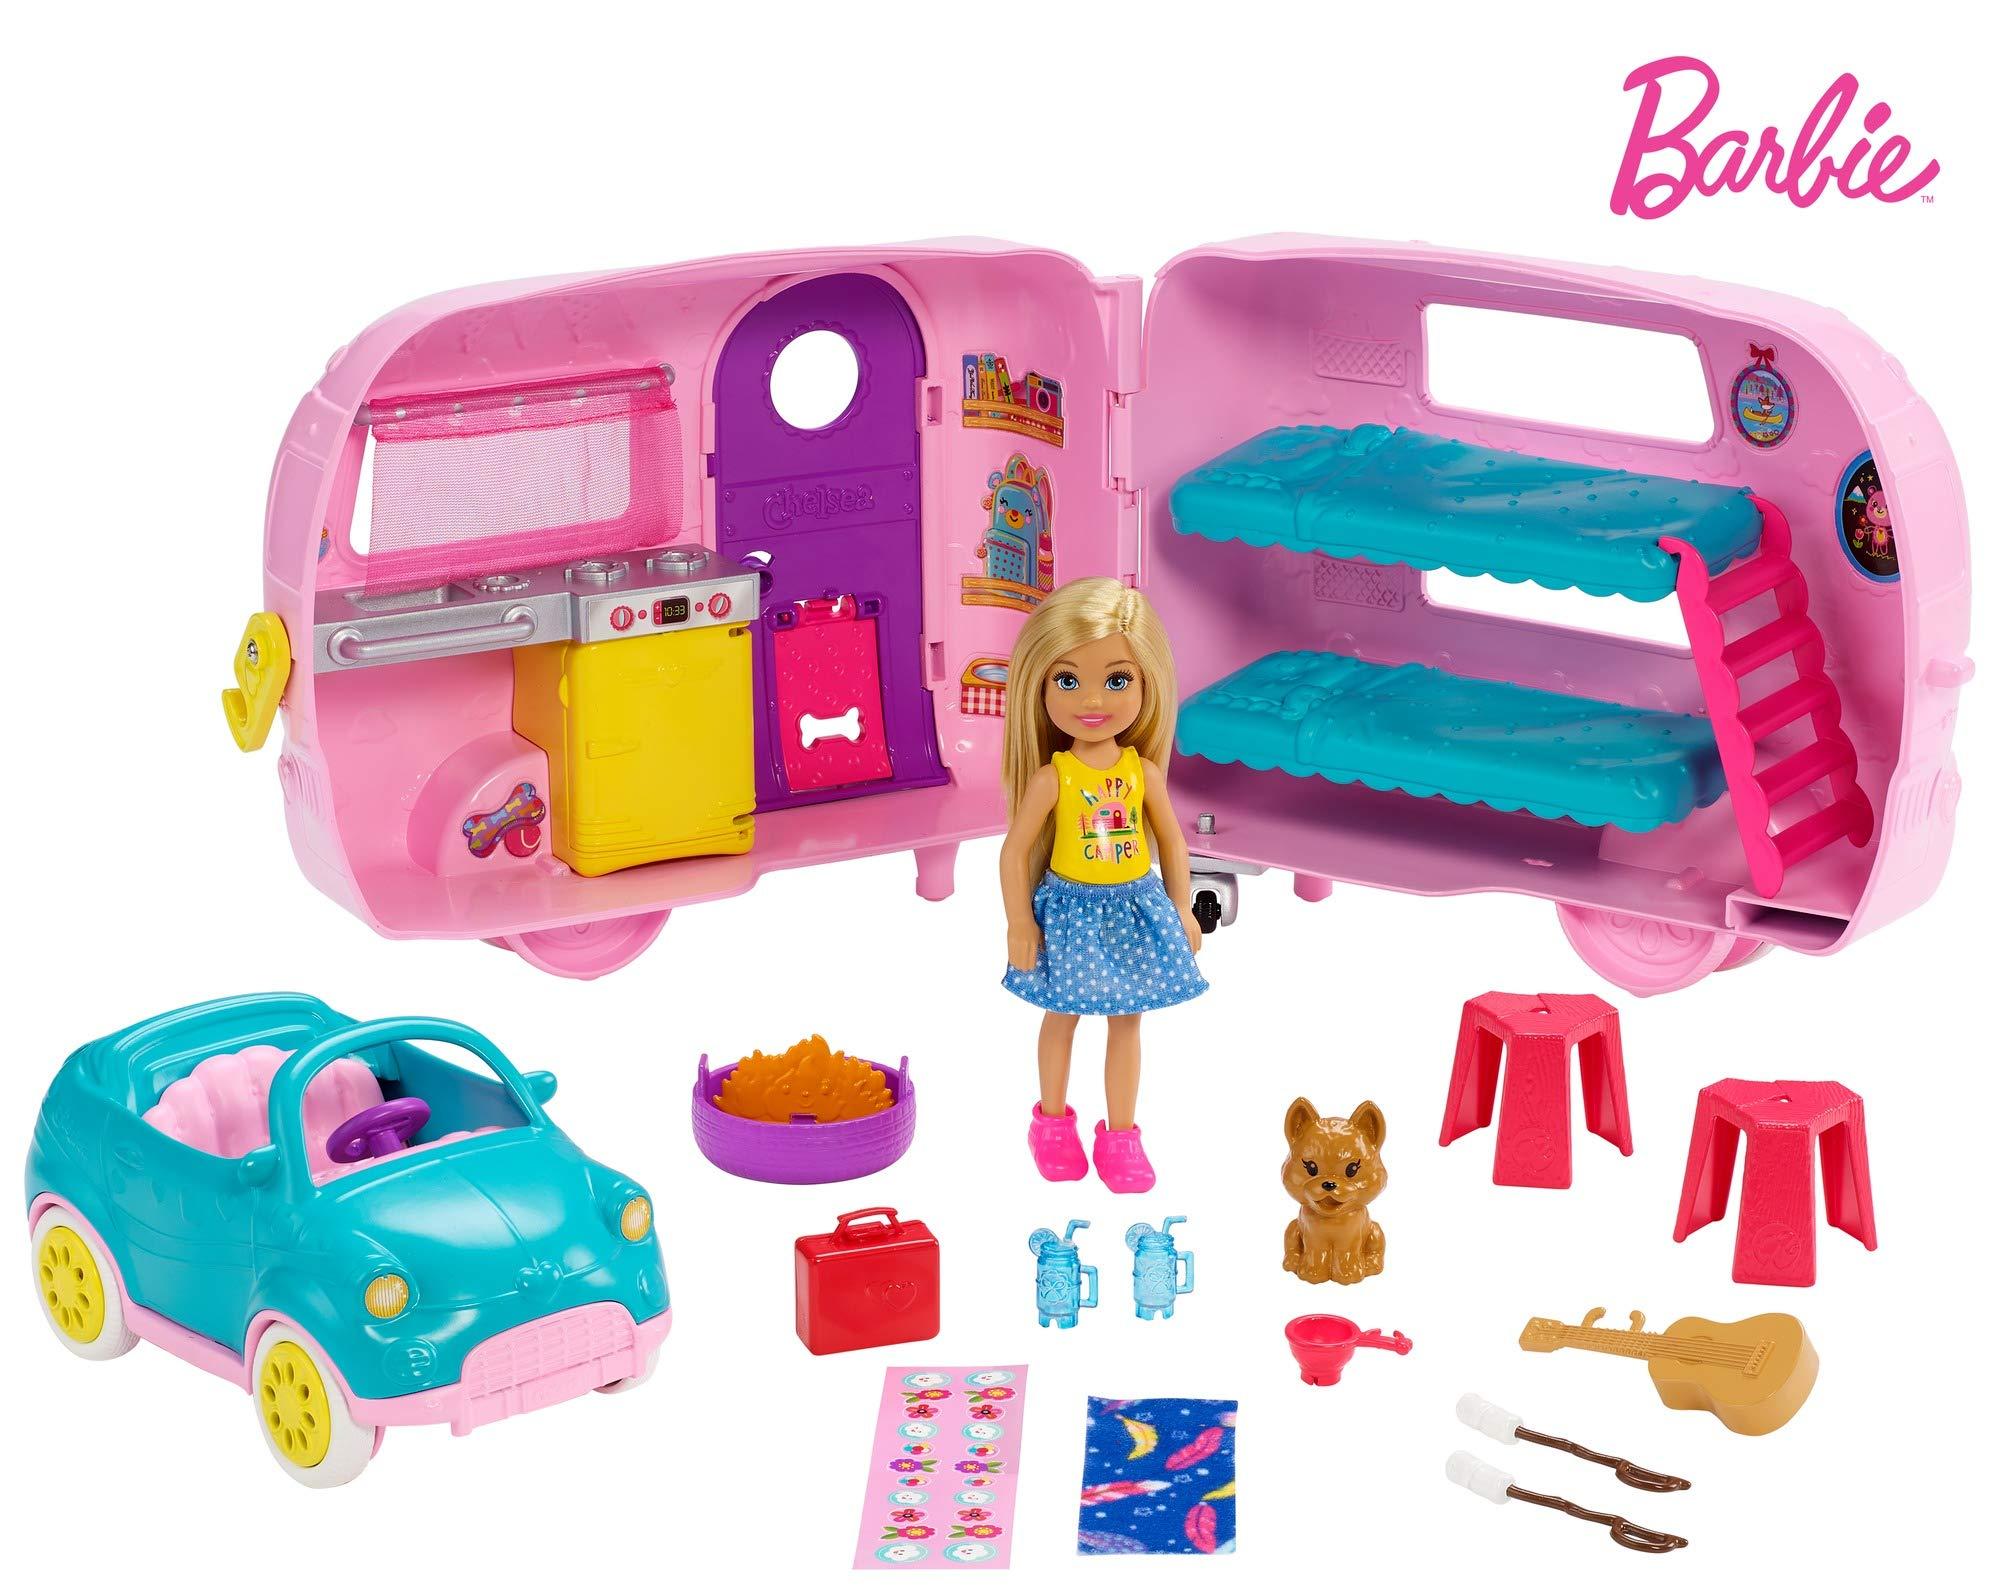 Barbie – Chelsea Muñeca y Su Caravana, con Perrito y Accesorios (Mattel FXG90)